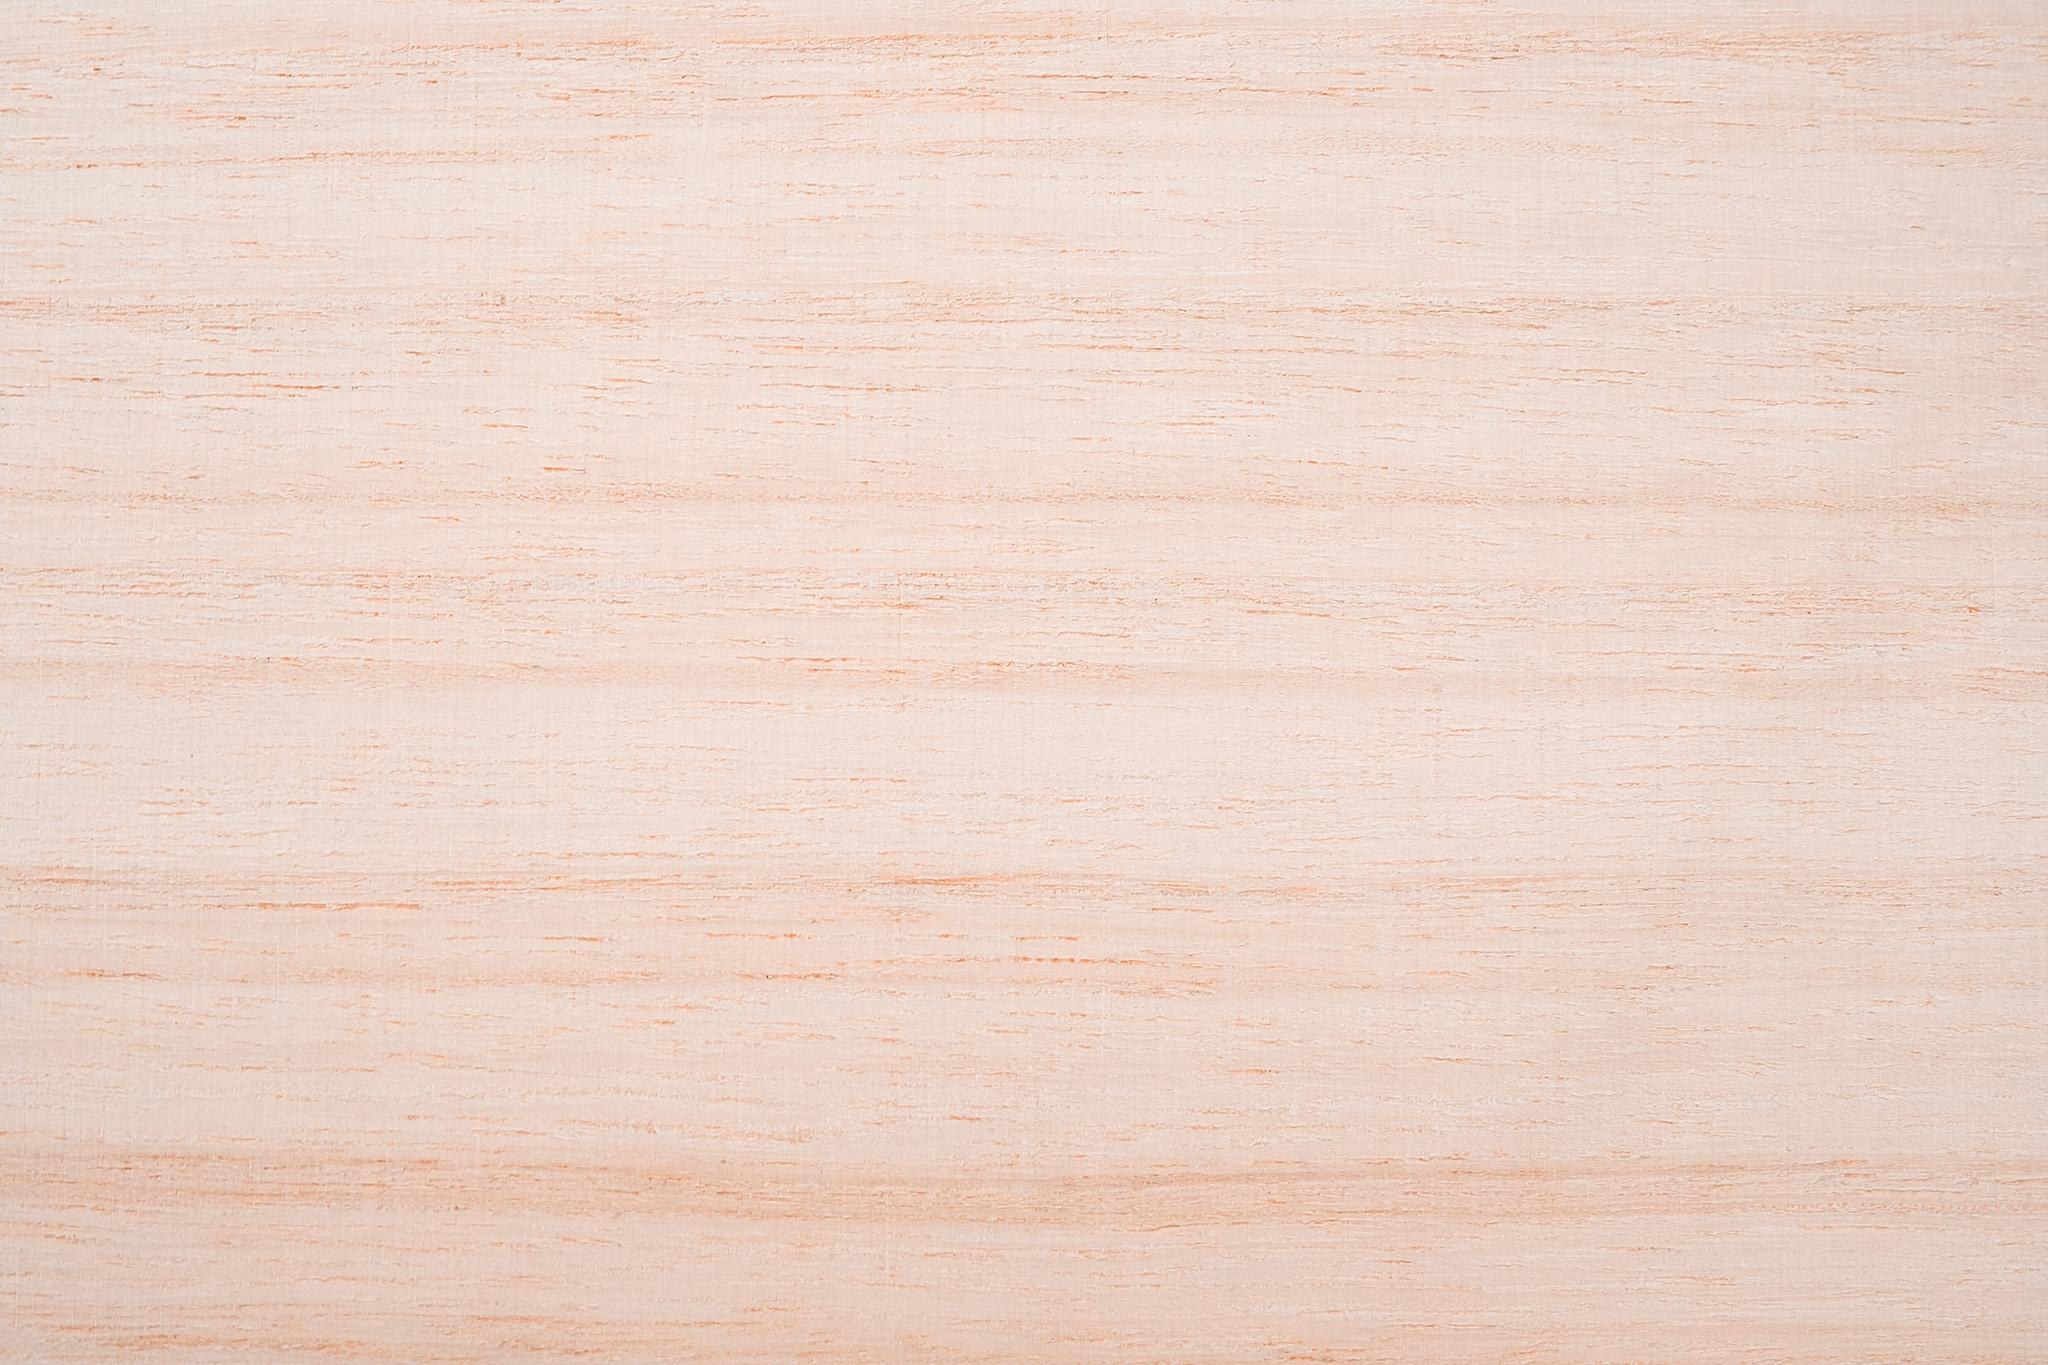 「真新しい木肌のテクスチャ」の素材を無料ダウンロード